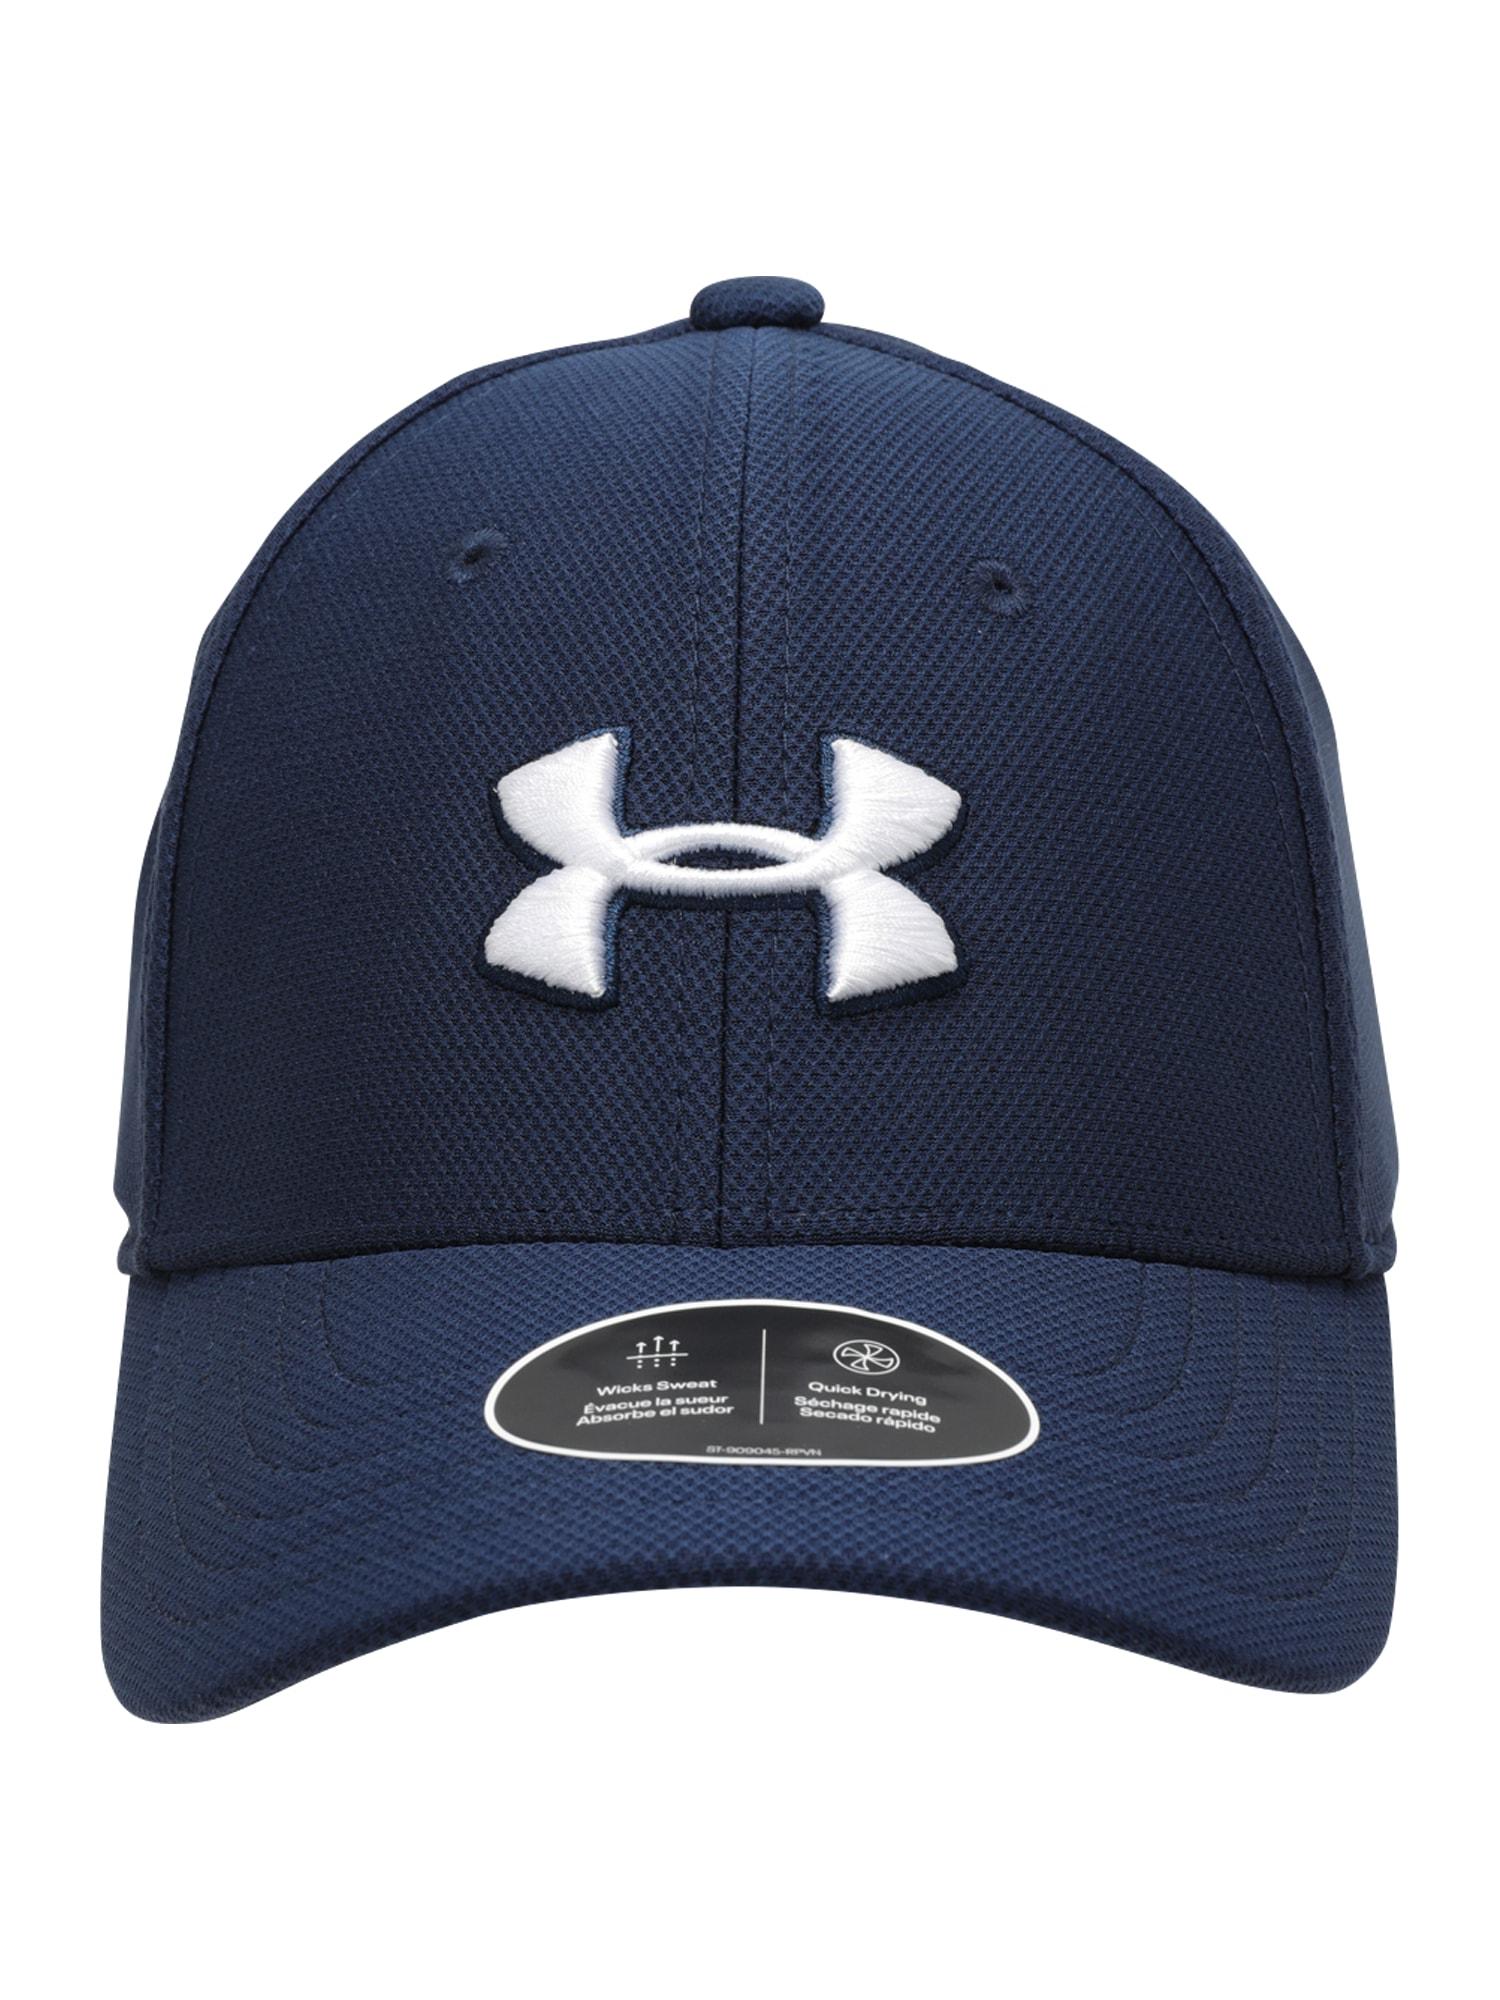 UNDER ARMOUR Sportinė kepurė 'Blitzing 3.0' tamsiai mėlyna / balta / juoda